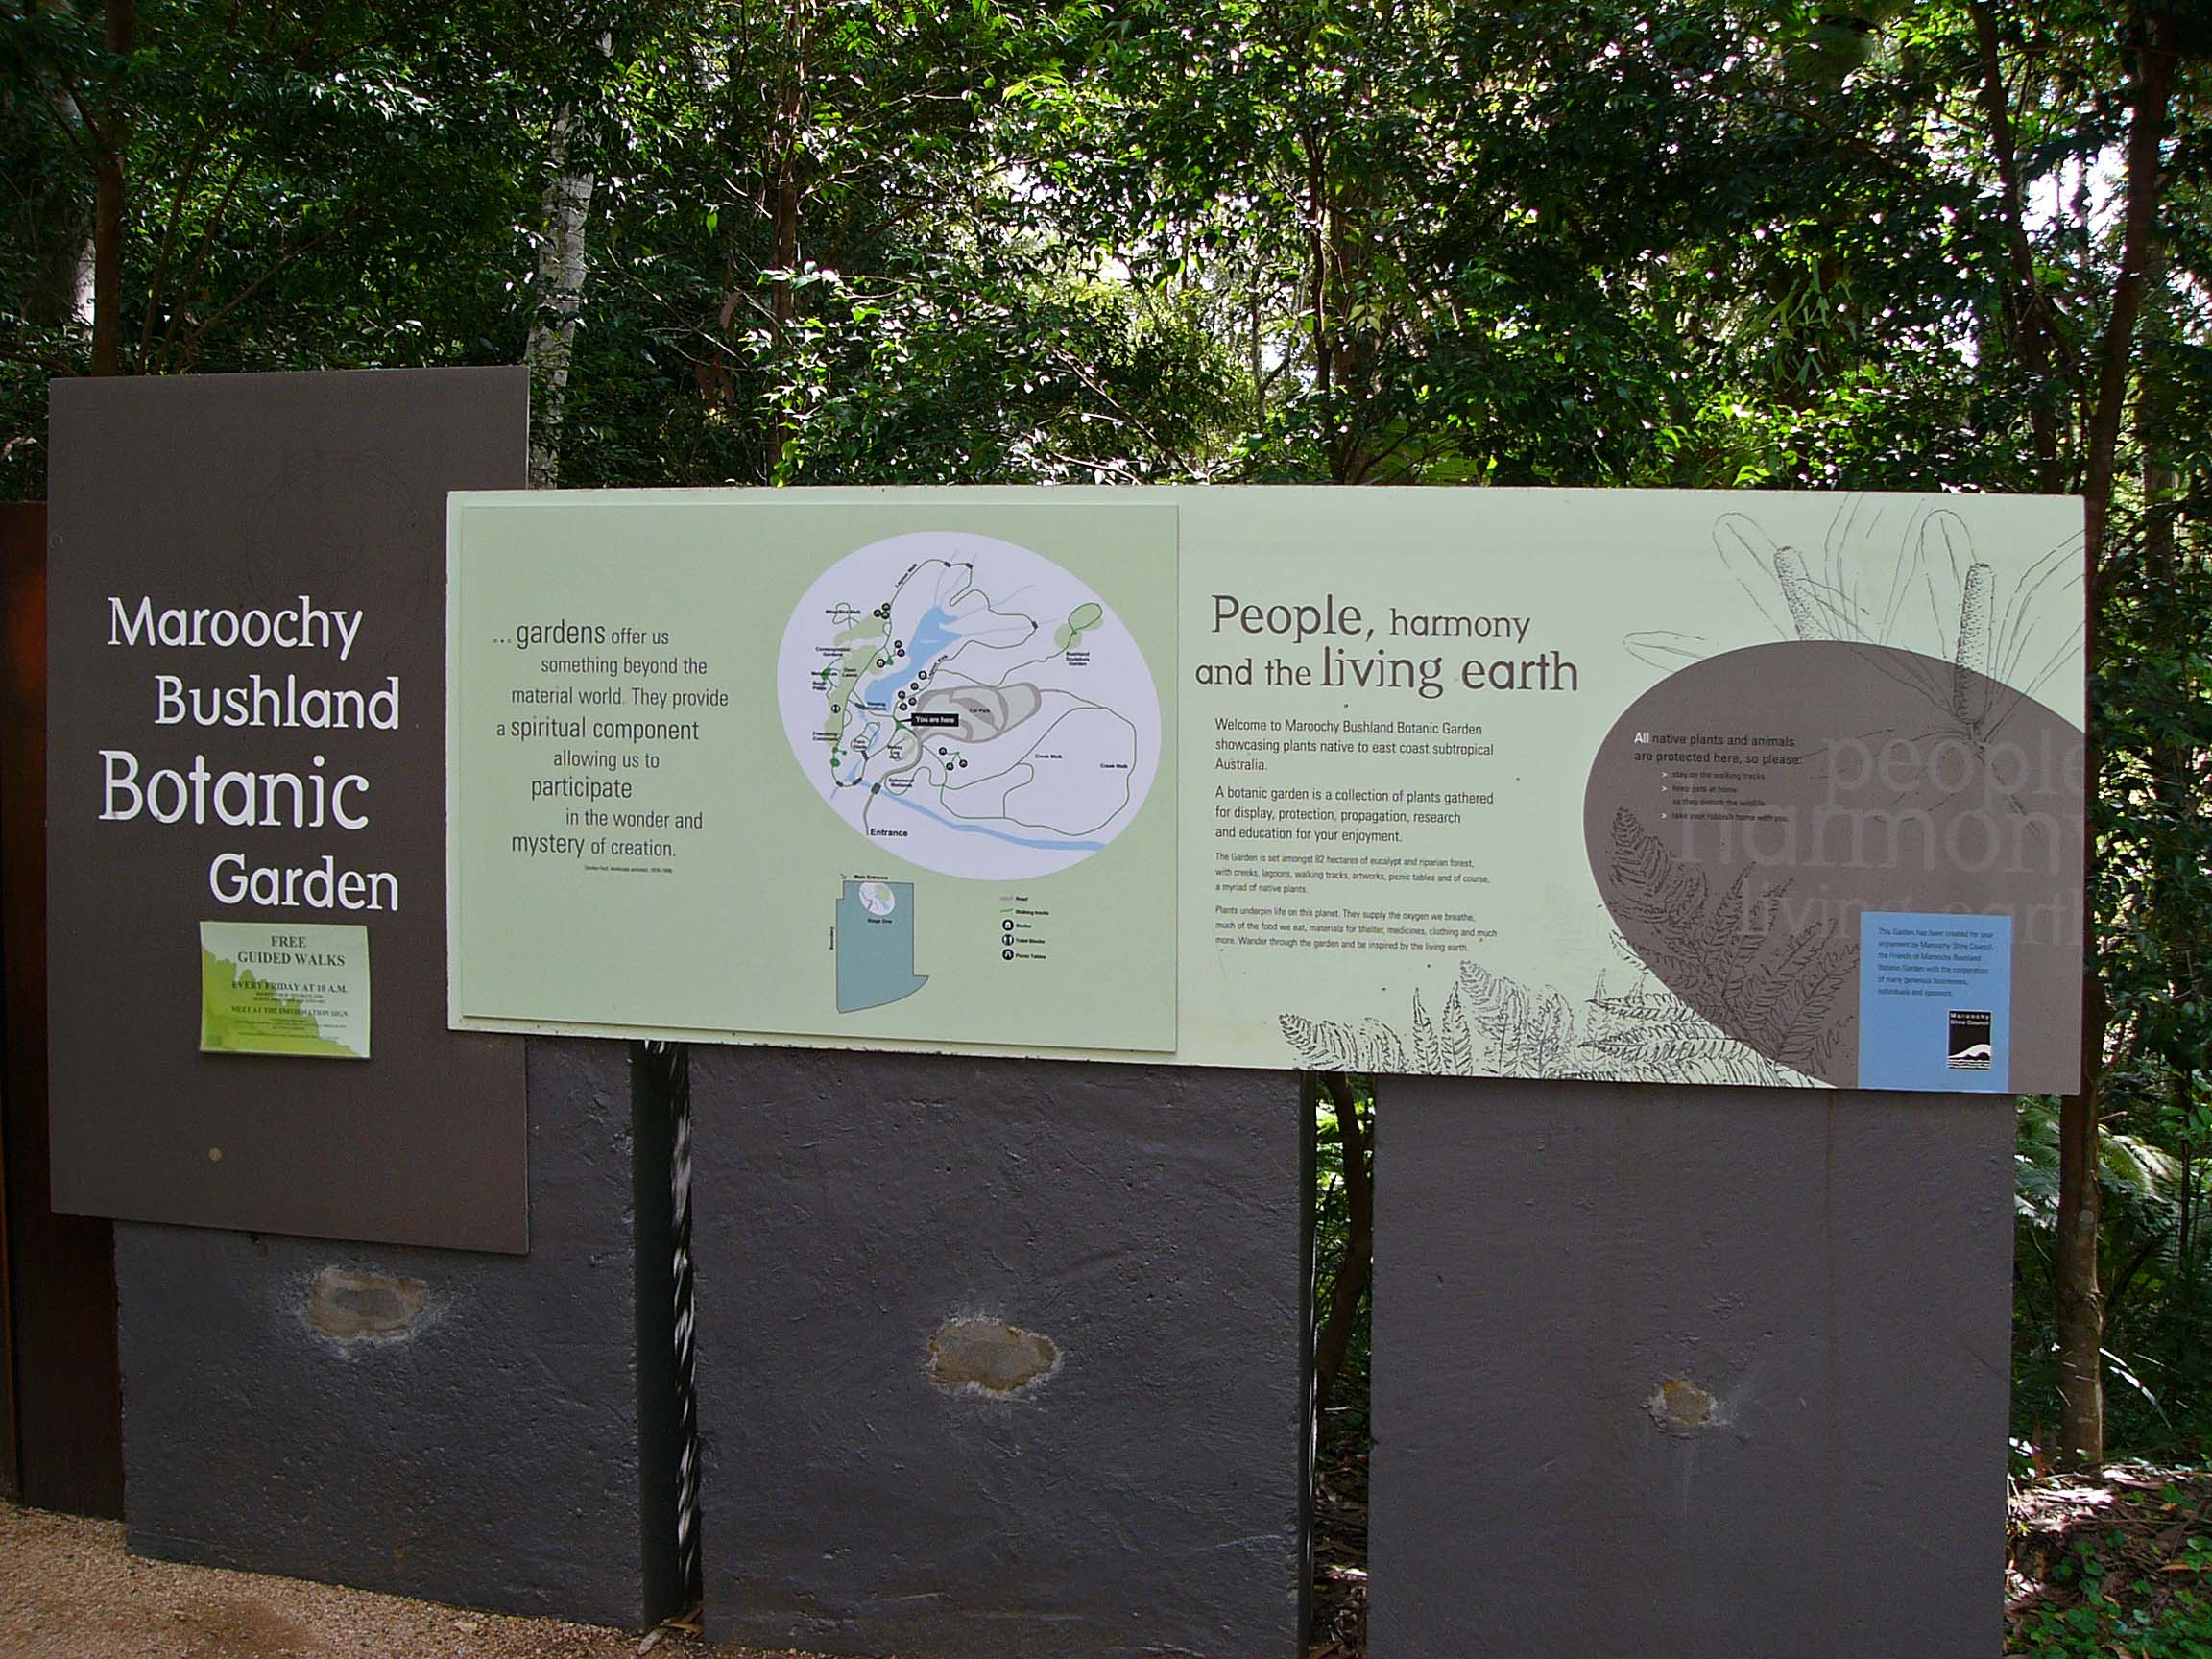 Trail Image for Maroochy Regional Bushland Botanic Garden: Fern Glade walk